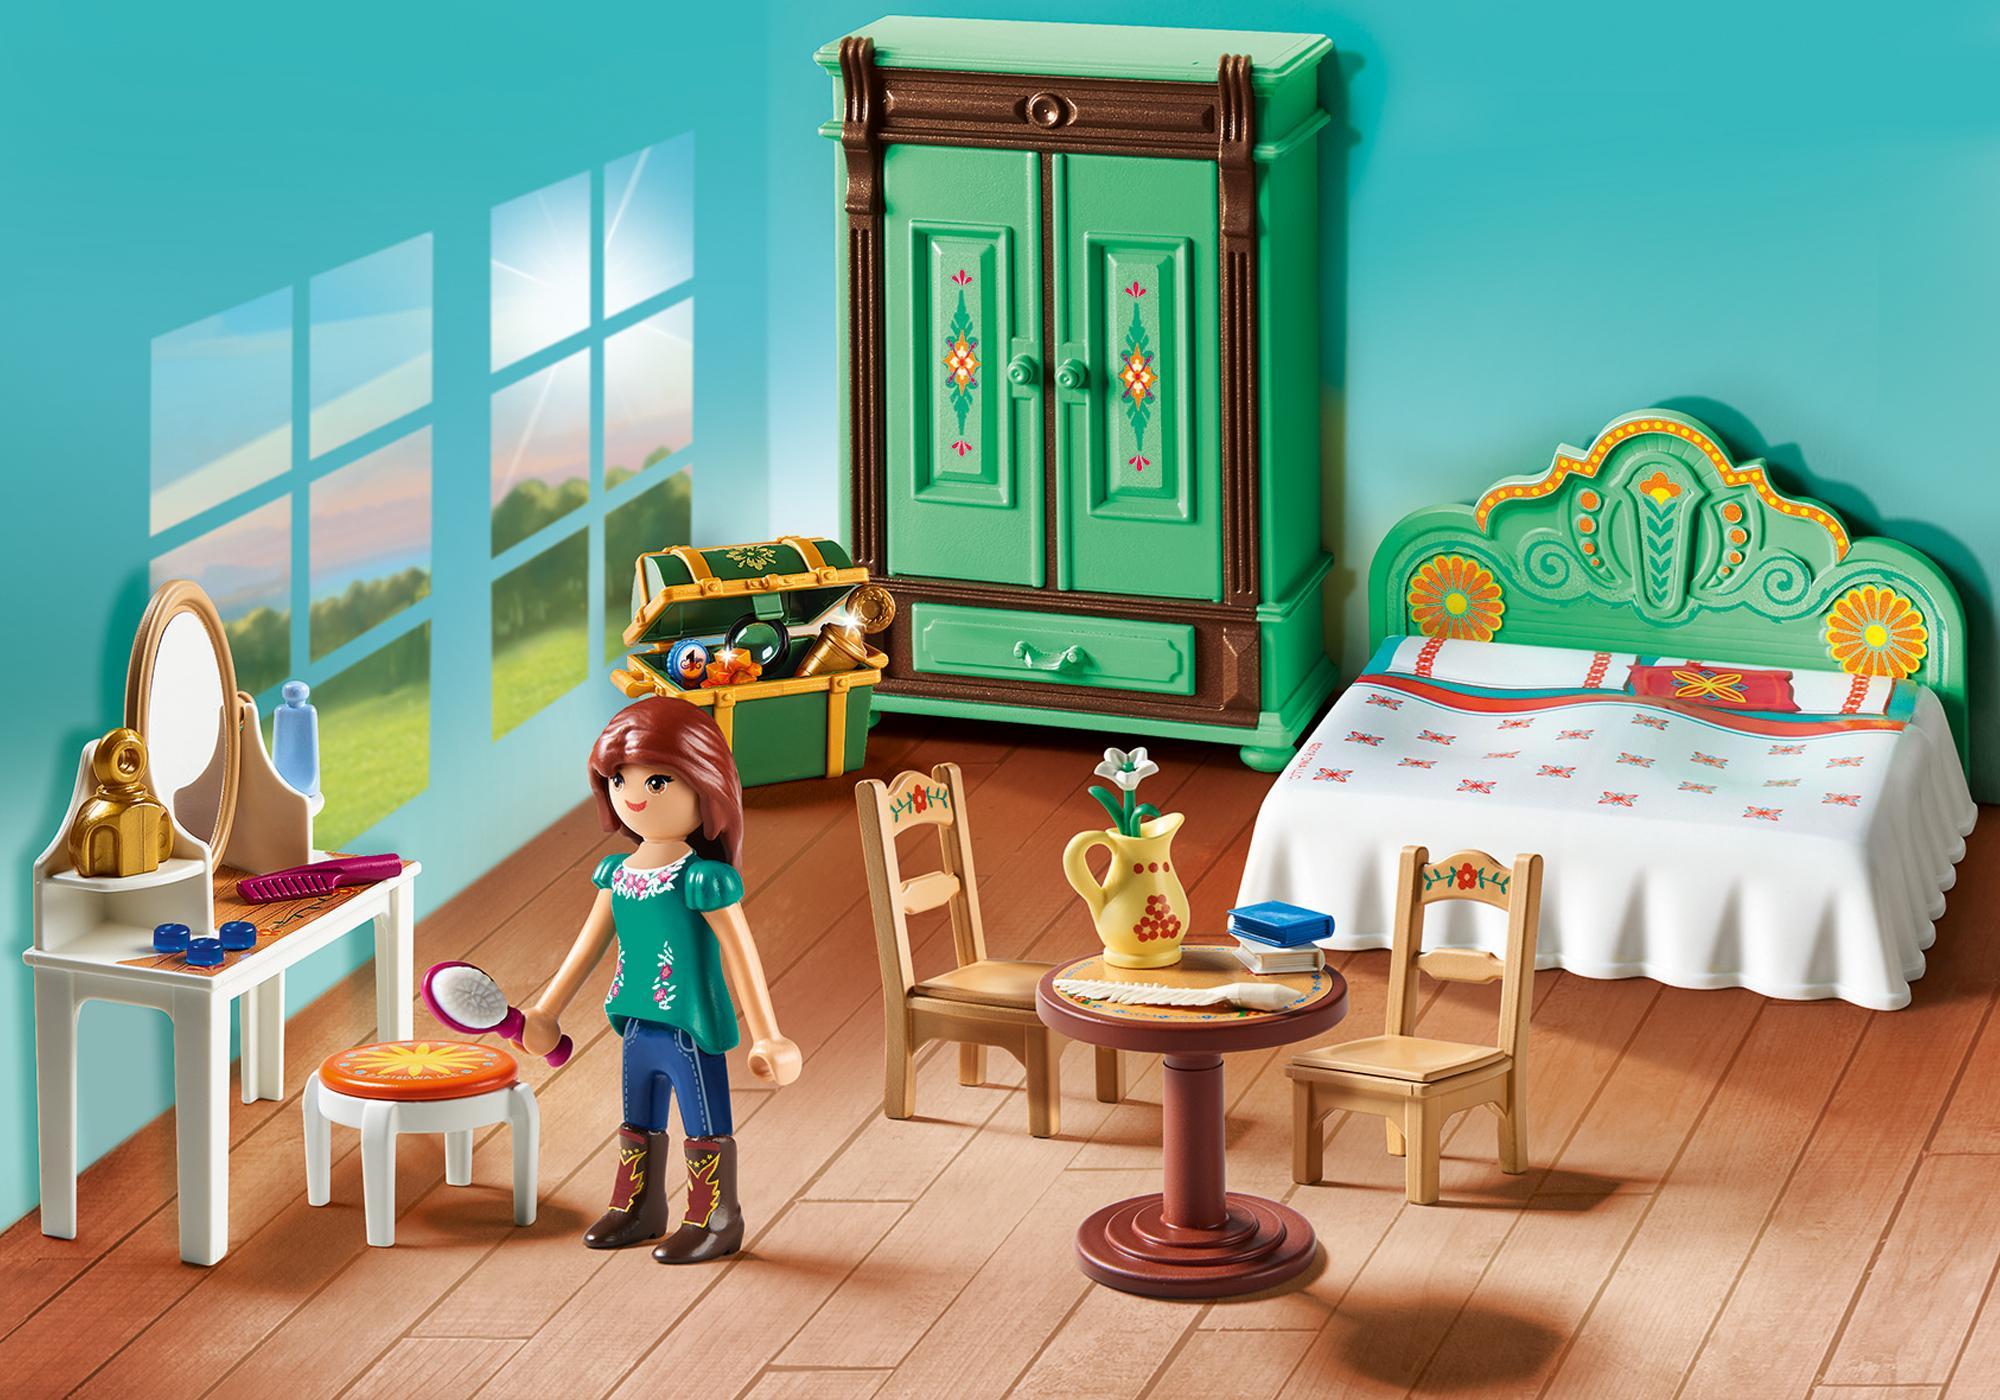 Inrichting Slaapkamer Ouders : Lucky s slaapkamer playmobil nederland